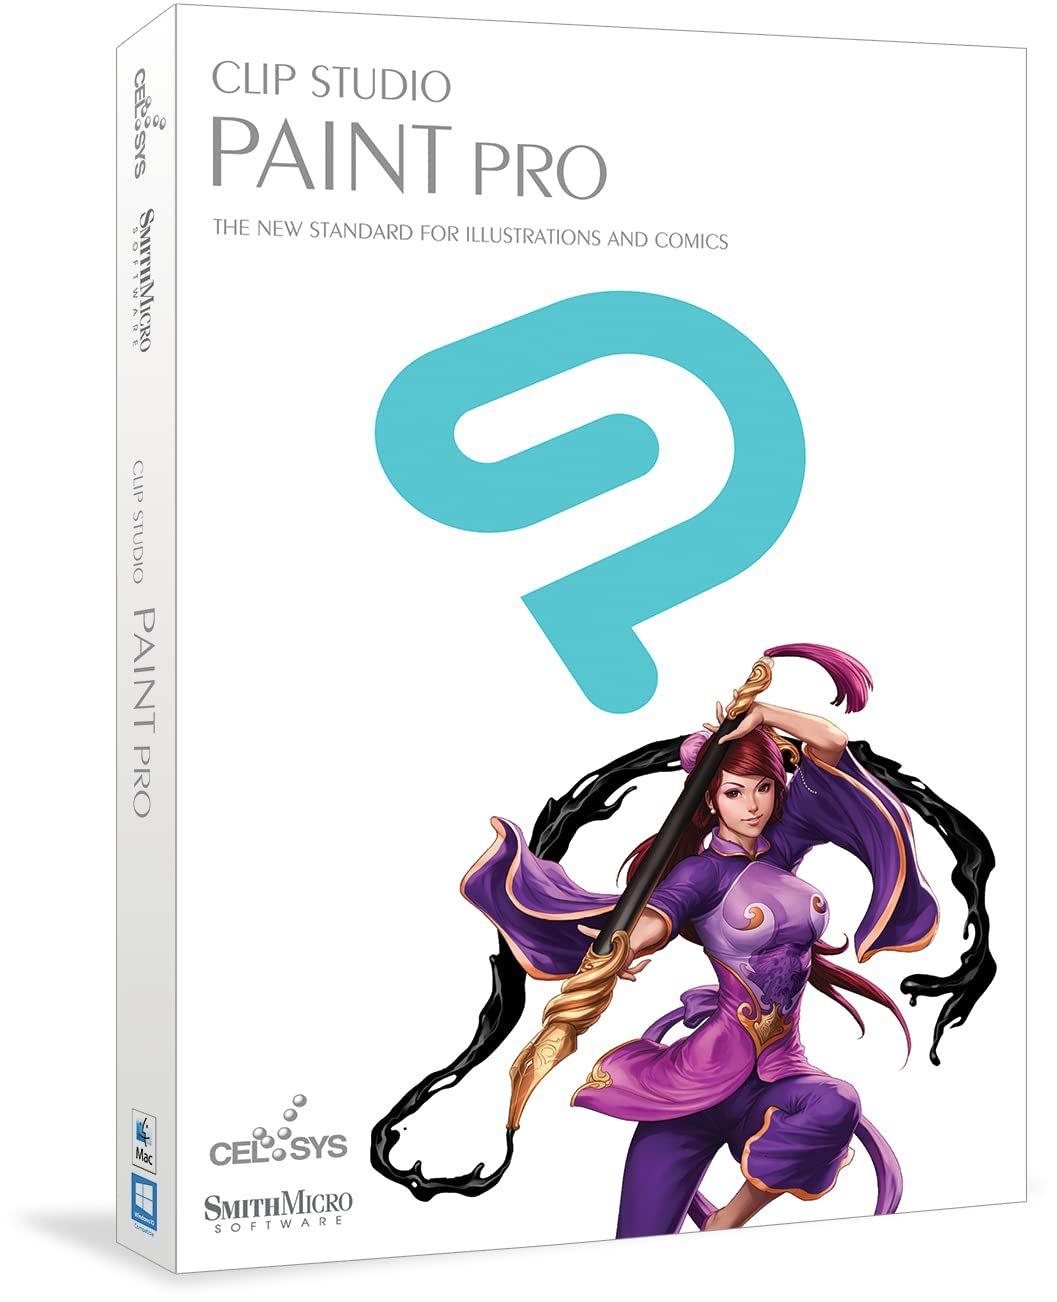 50% de reduction sur les produits ClipStudio - Ex : ClipStudio Paint Pro sur PC/Mac (Dématérialisé - clipstudio.net)